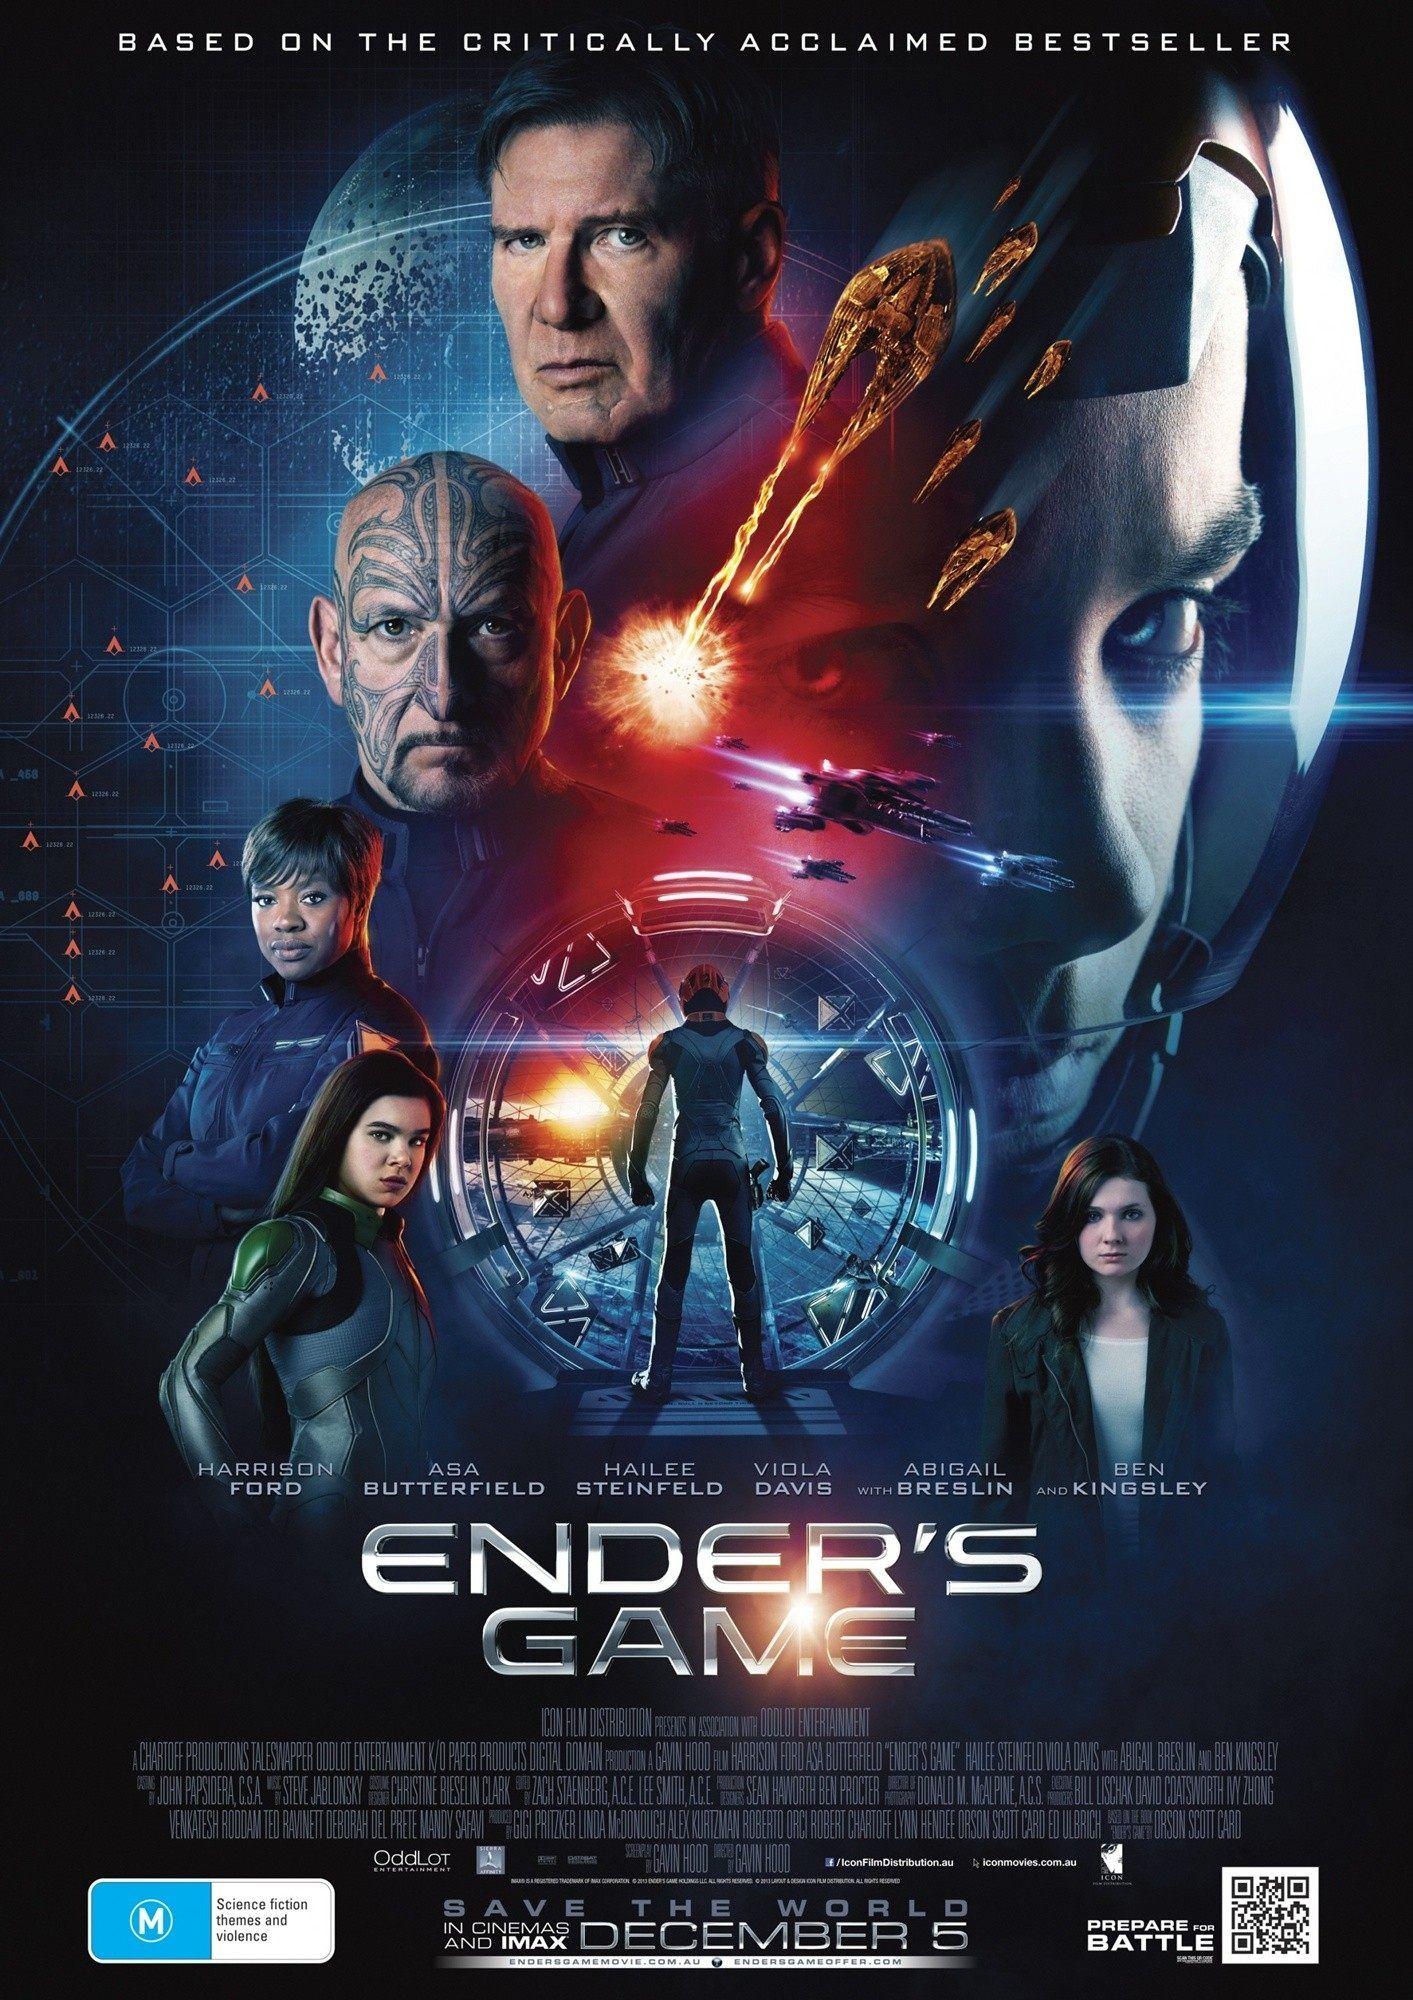 Download Ender's Game (2013) Dual Audio (Eng-Hindi) 720p BluRay   Ender's game movie, Ender's game, Movie game